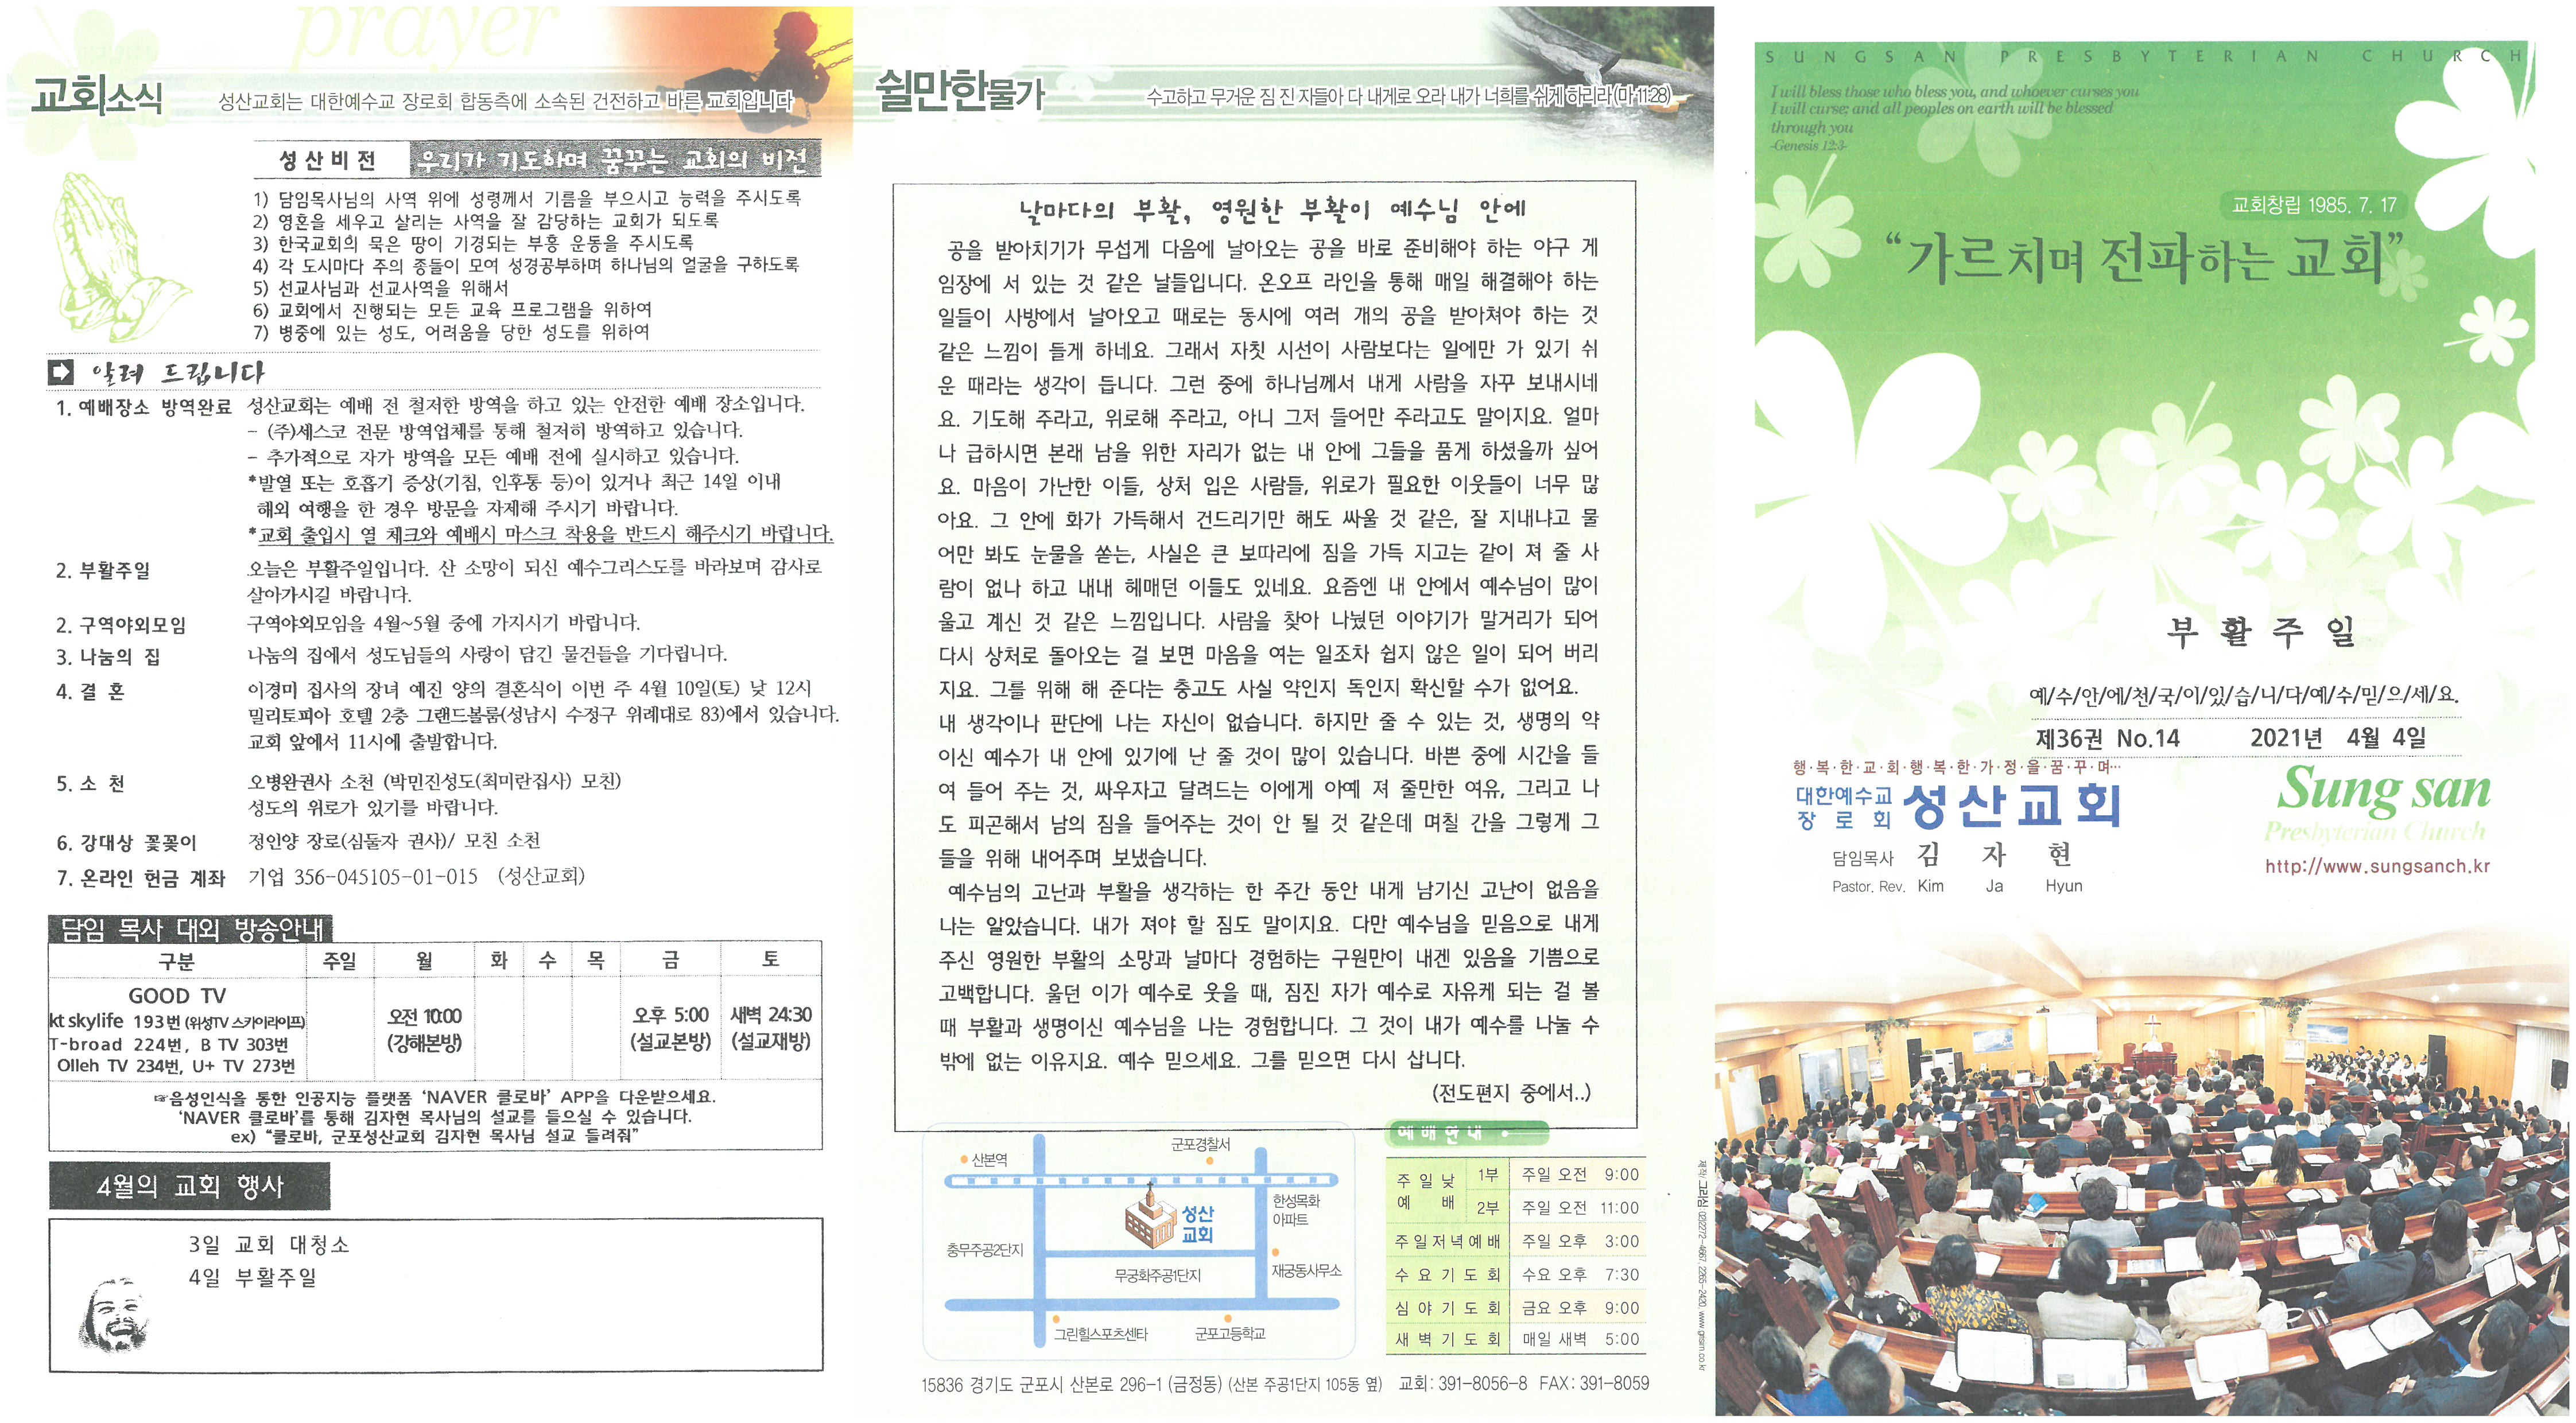 S22C-6e21040313290_0001.jpg